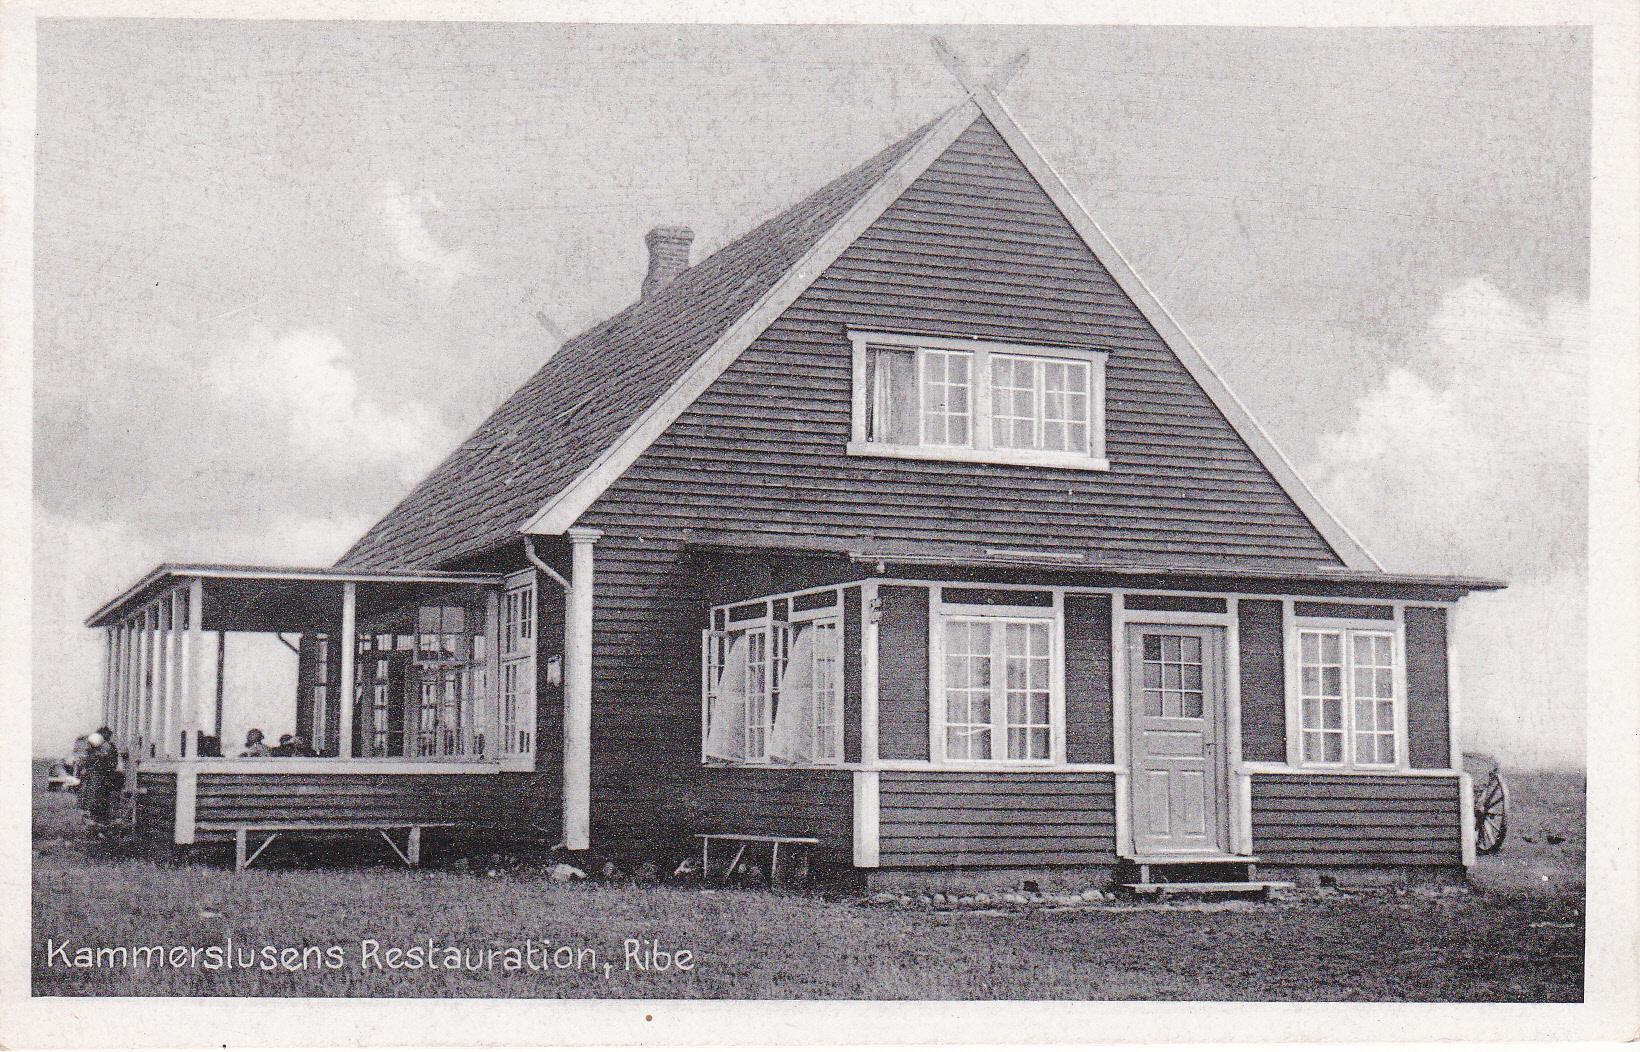 Restaurant Kammerslusen før branden i 1988